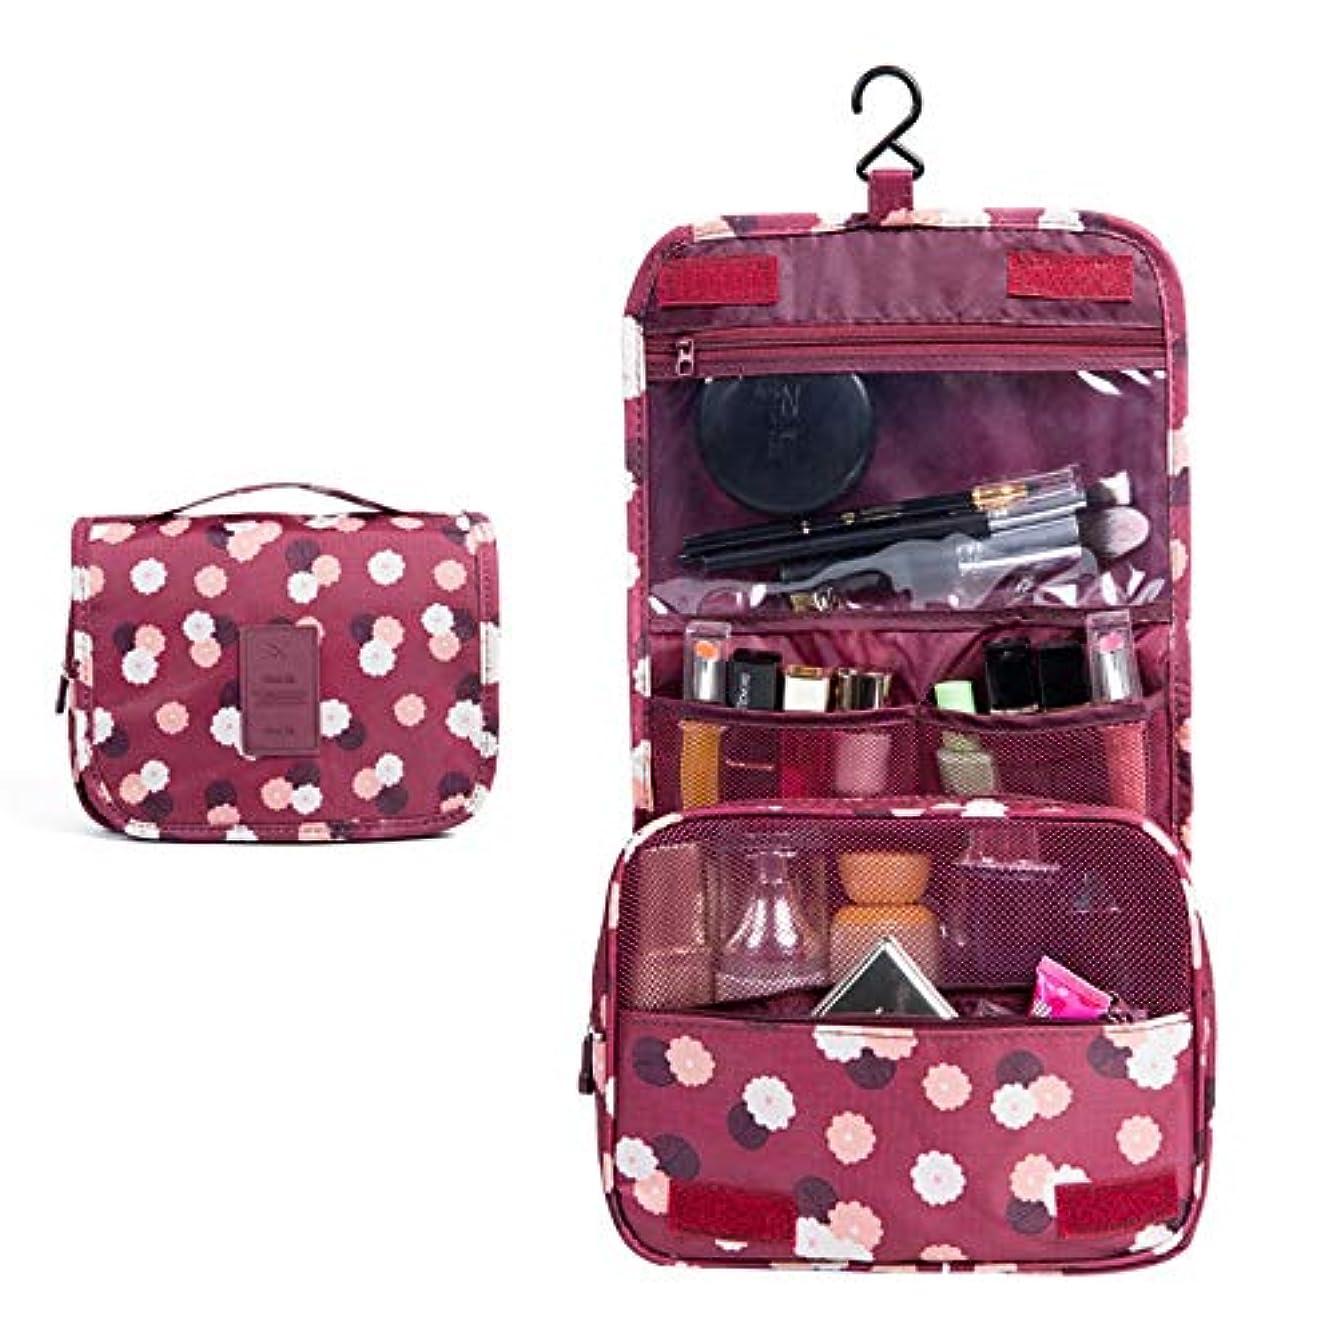 ロールトーン消化化粧オーガナイザーバッグ ポータブル旅行折りたたみフックオーガナイザーバッグトイレタリーバッグを作る化粧品バッグブルーフラワー 化粧品ケース (色 : 赤)